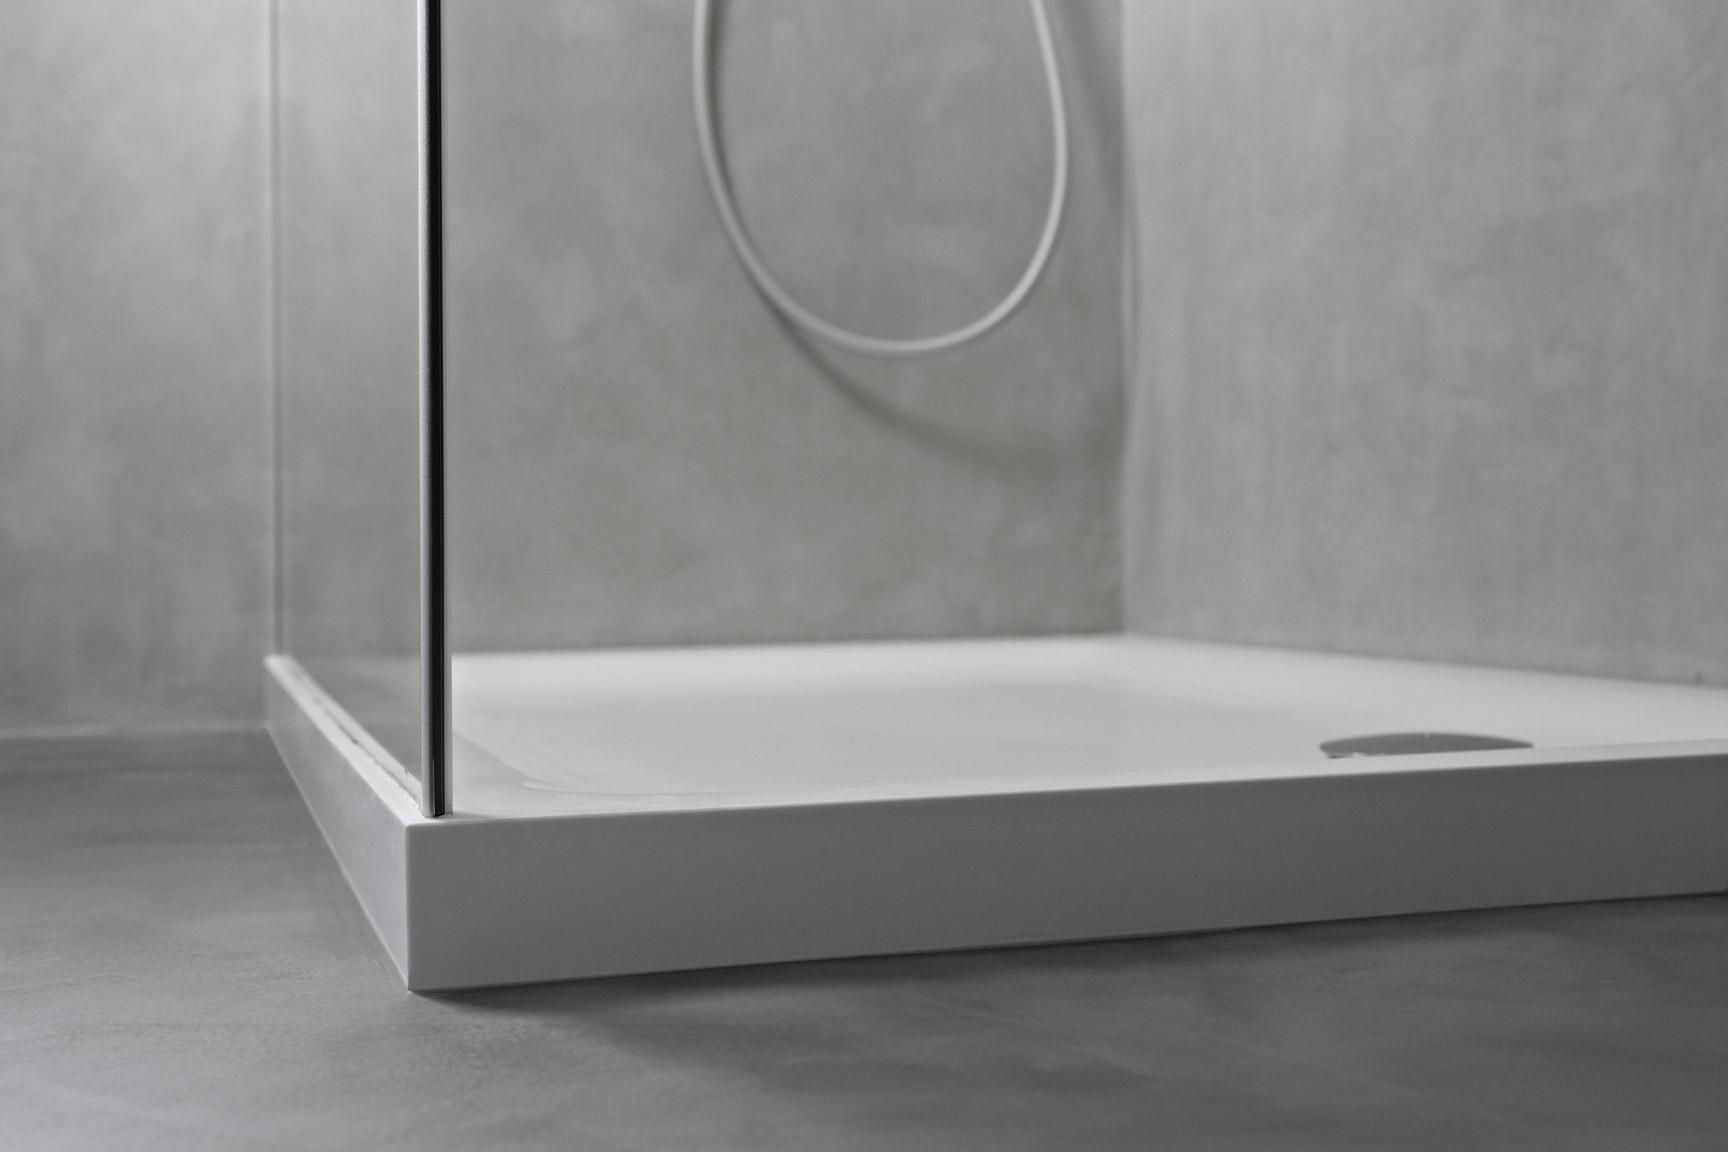 Ristrutturazione di un bagno con microcemento ideal work